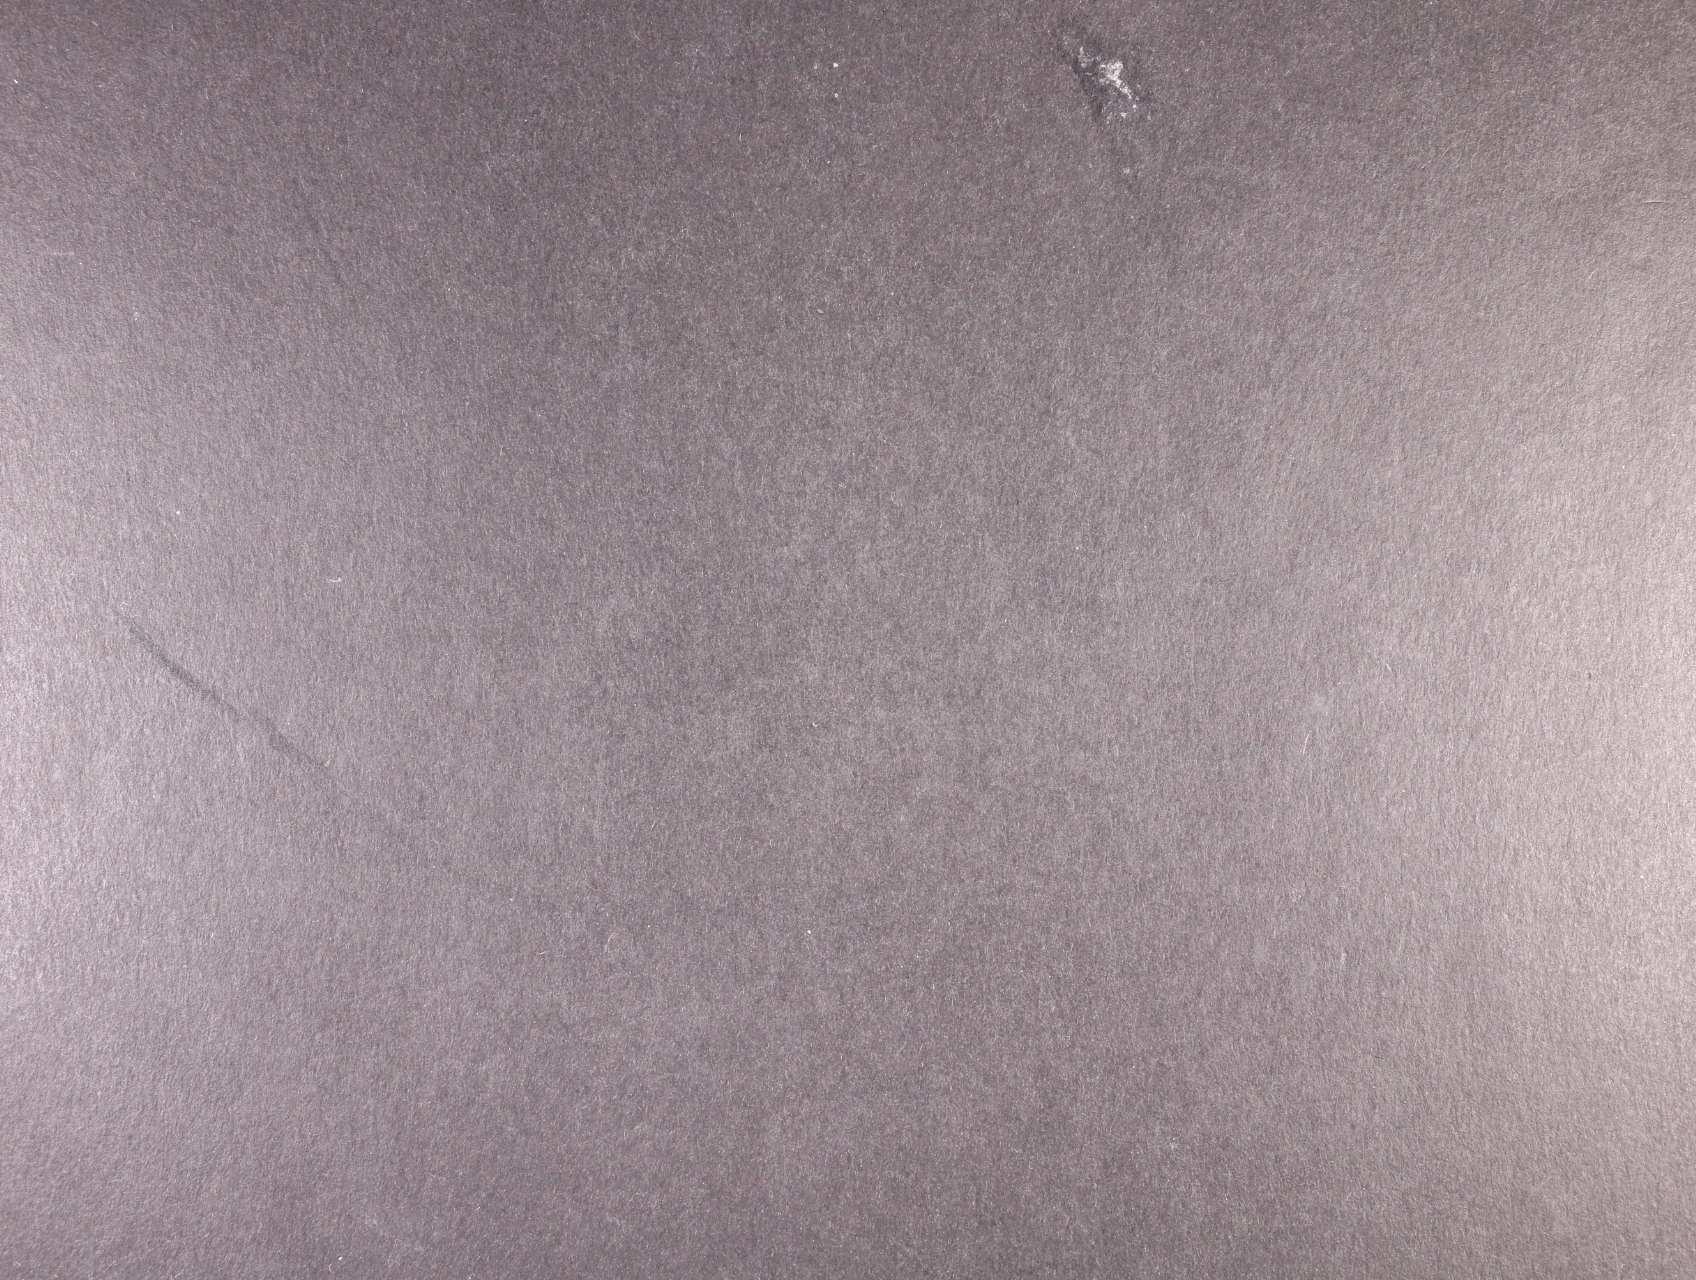 Švýcarsko - nekompl. sbírka zn. a aršíků z let 1854 - 1980, převážně razítkované, obsahuje mj. zn. Mi. č. 128 - 135, 146 - 158, více jak 5000 EUR, zajímavé, k prohlédnutí, uloženo ve dvou zásobnících A4